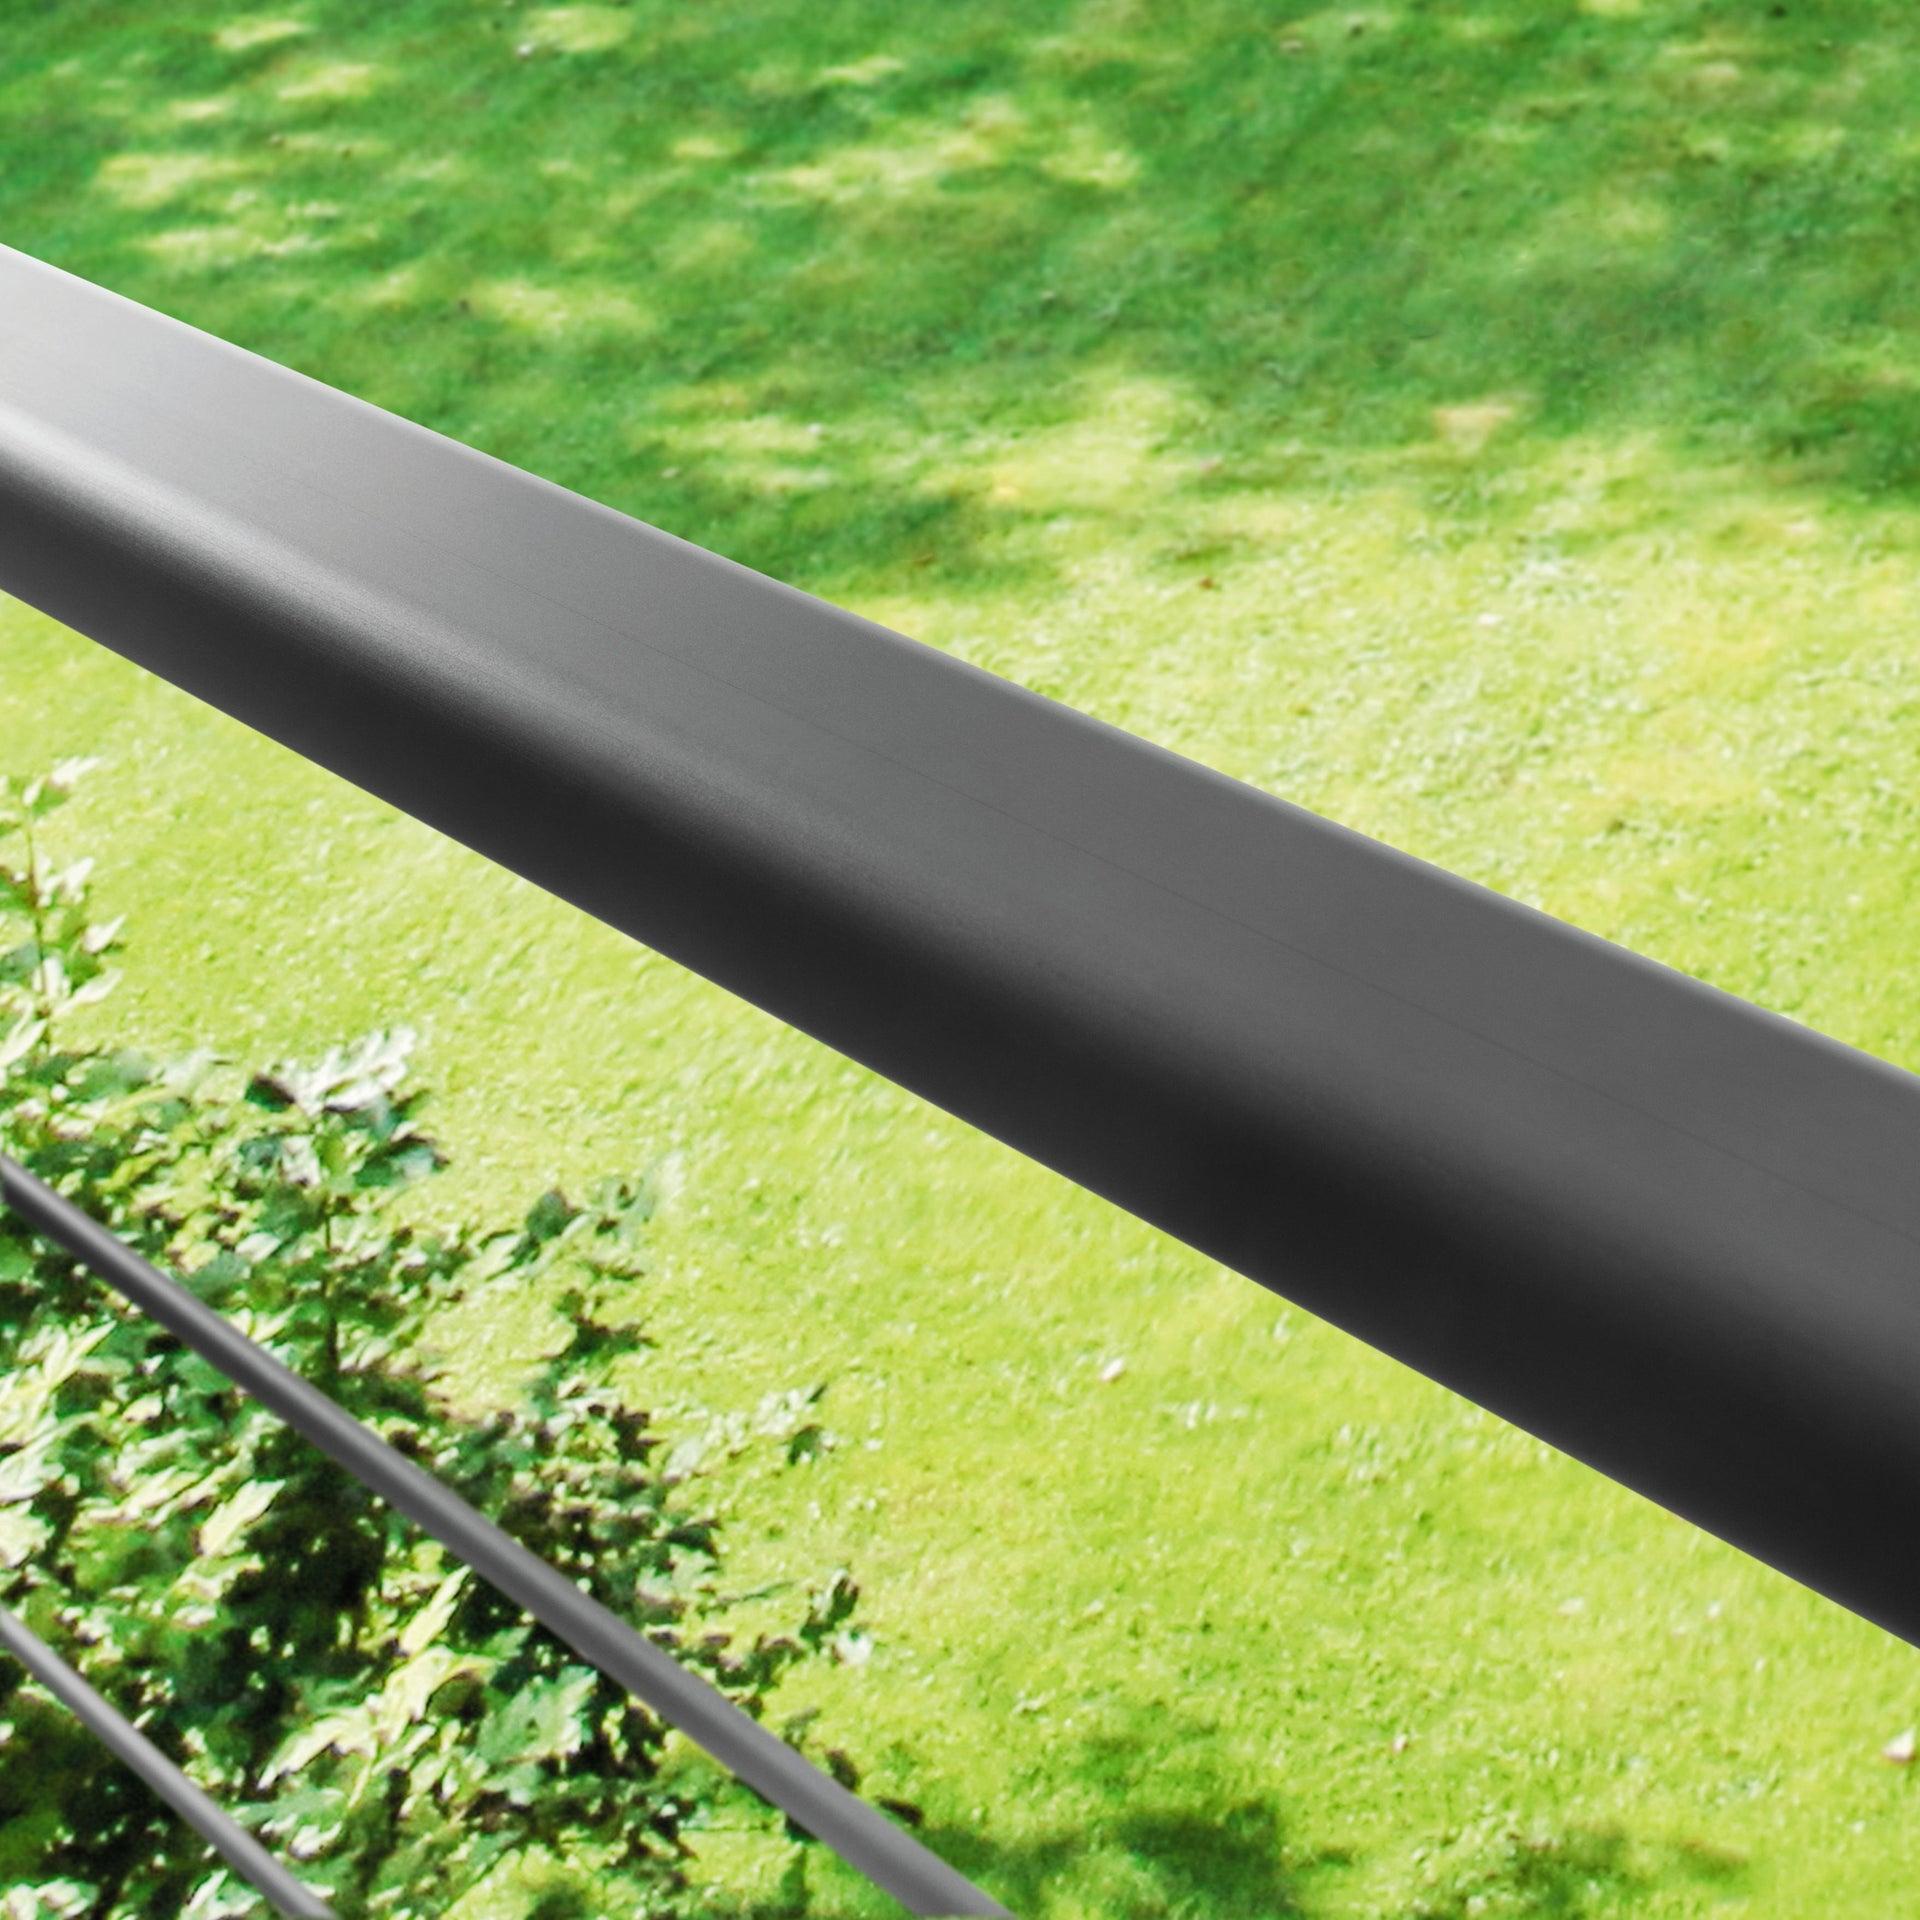 Balaustra ARTENS in alluminio L 200 x H 100 cm nero - 3